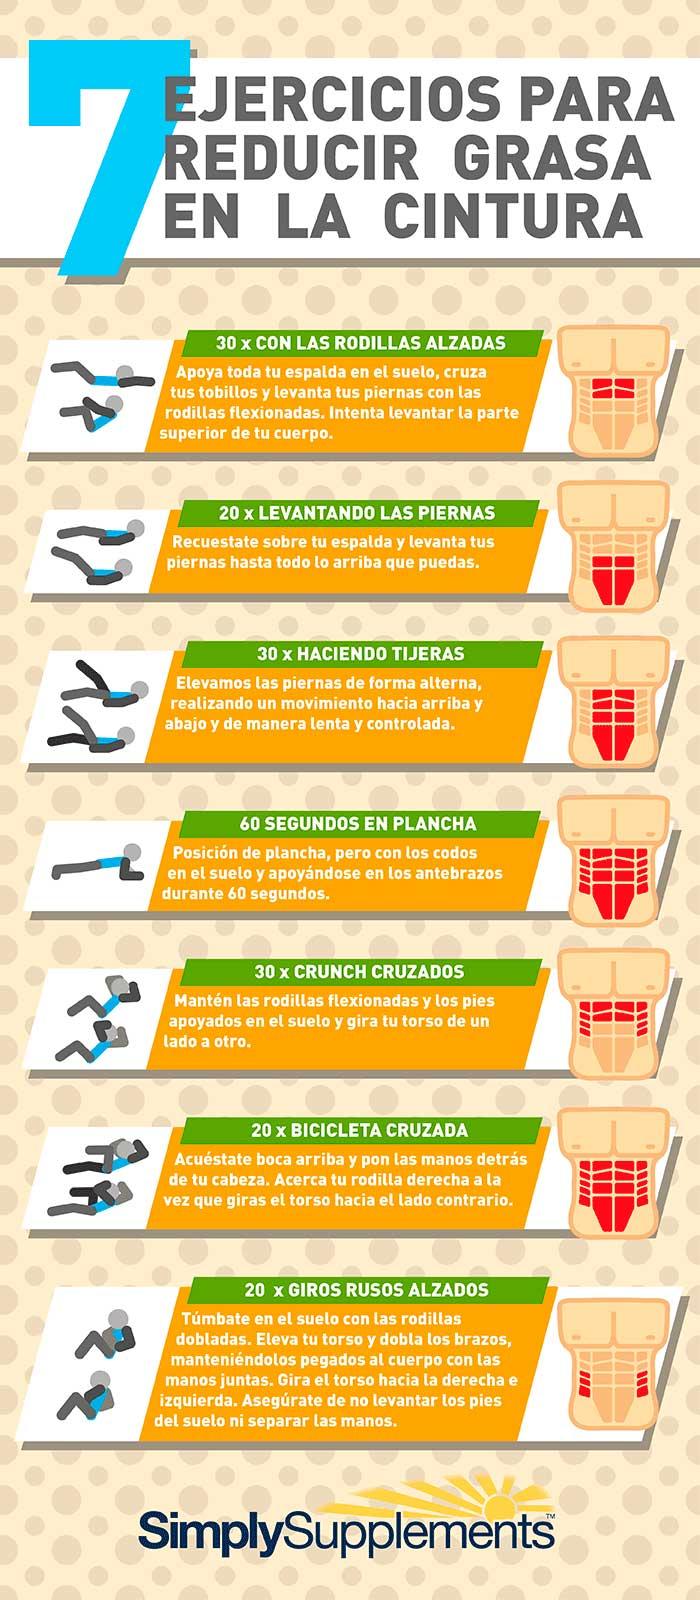 7 ejercicios abdominales para reducir la grasa de la cintura infograf as y remedios - Plan de entrenamiento en casa ...